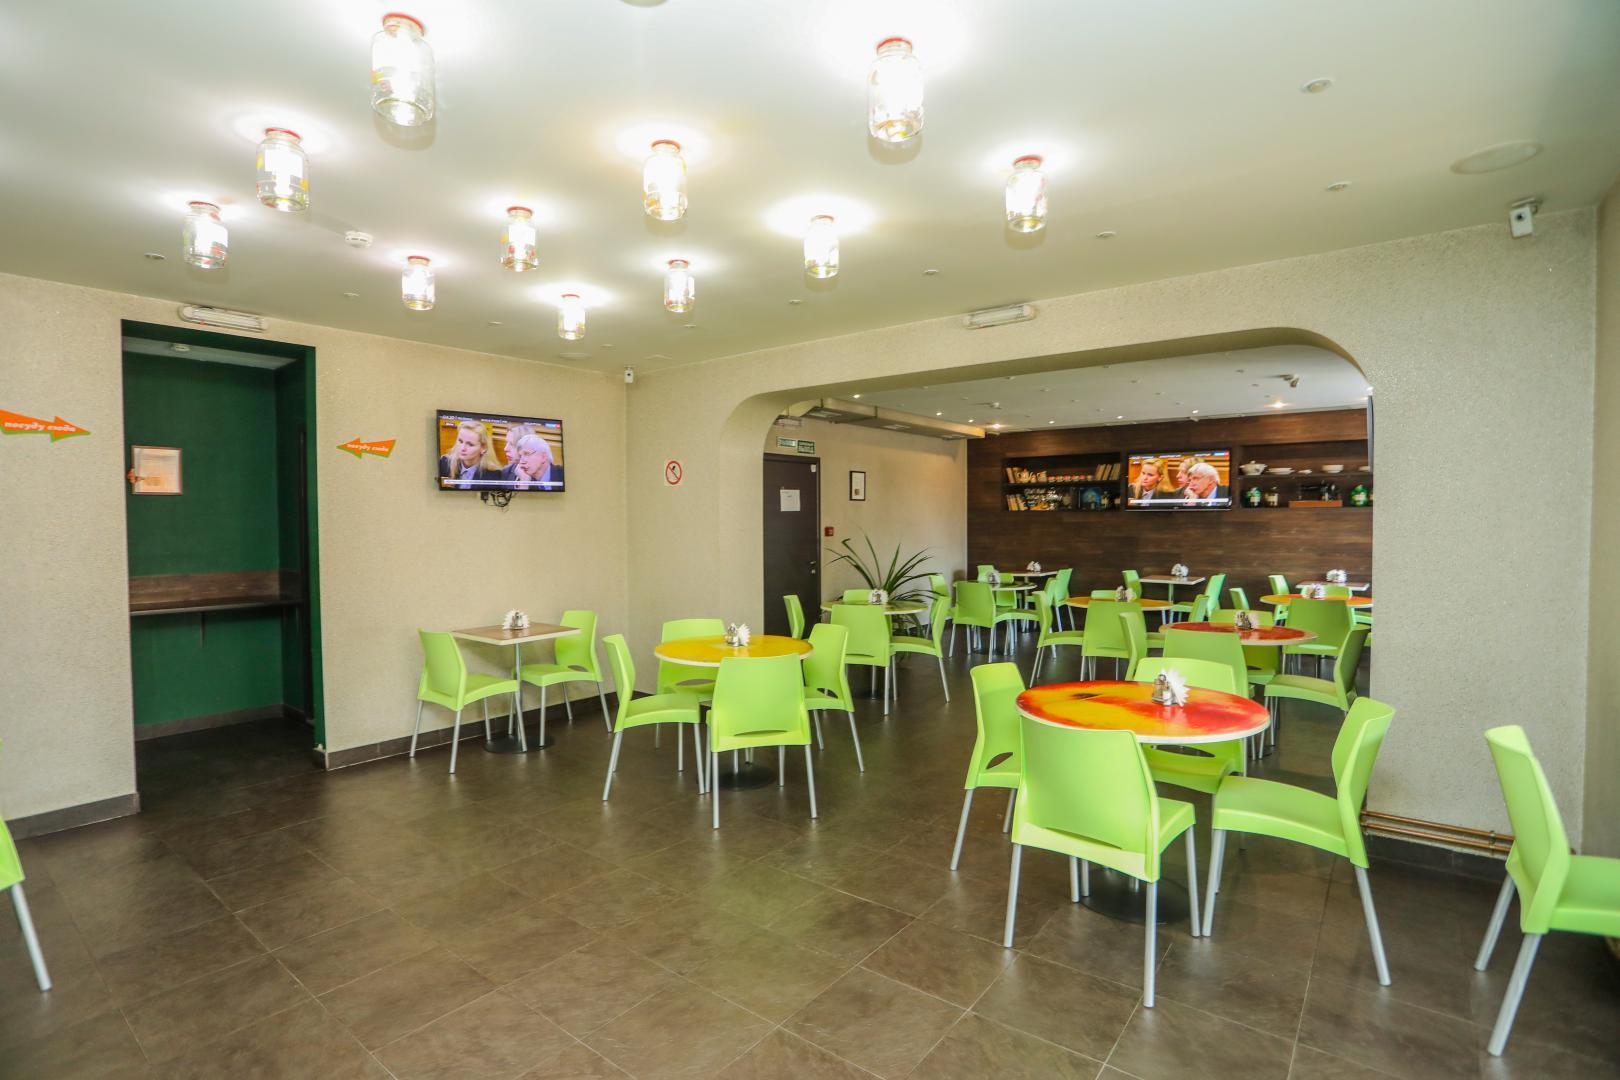 Public Catering на продажу по адресу Россия, Иркутская область, городской округ Иркутск, Иркутск, Кожзаводская улица, 6